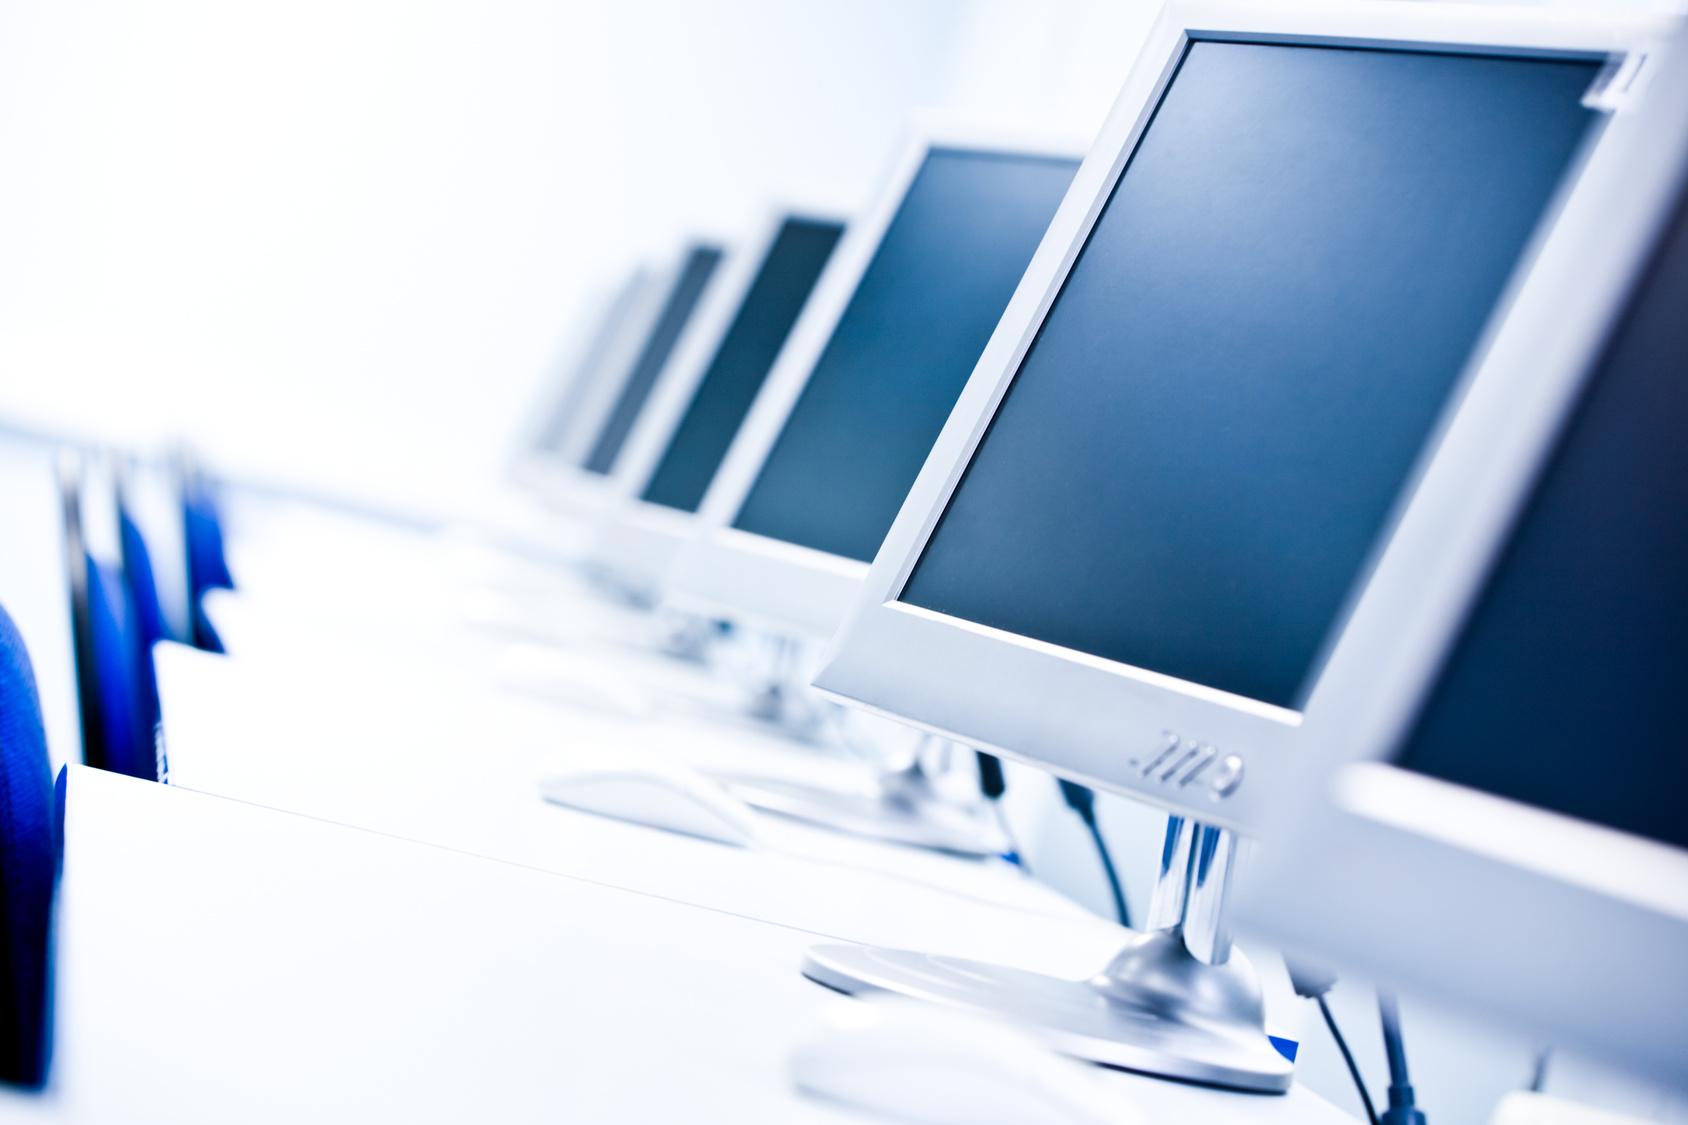 世界の名門大の授業を体験できるオンライン学習